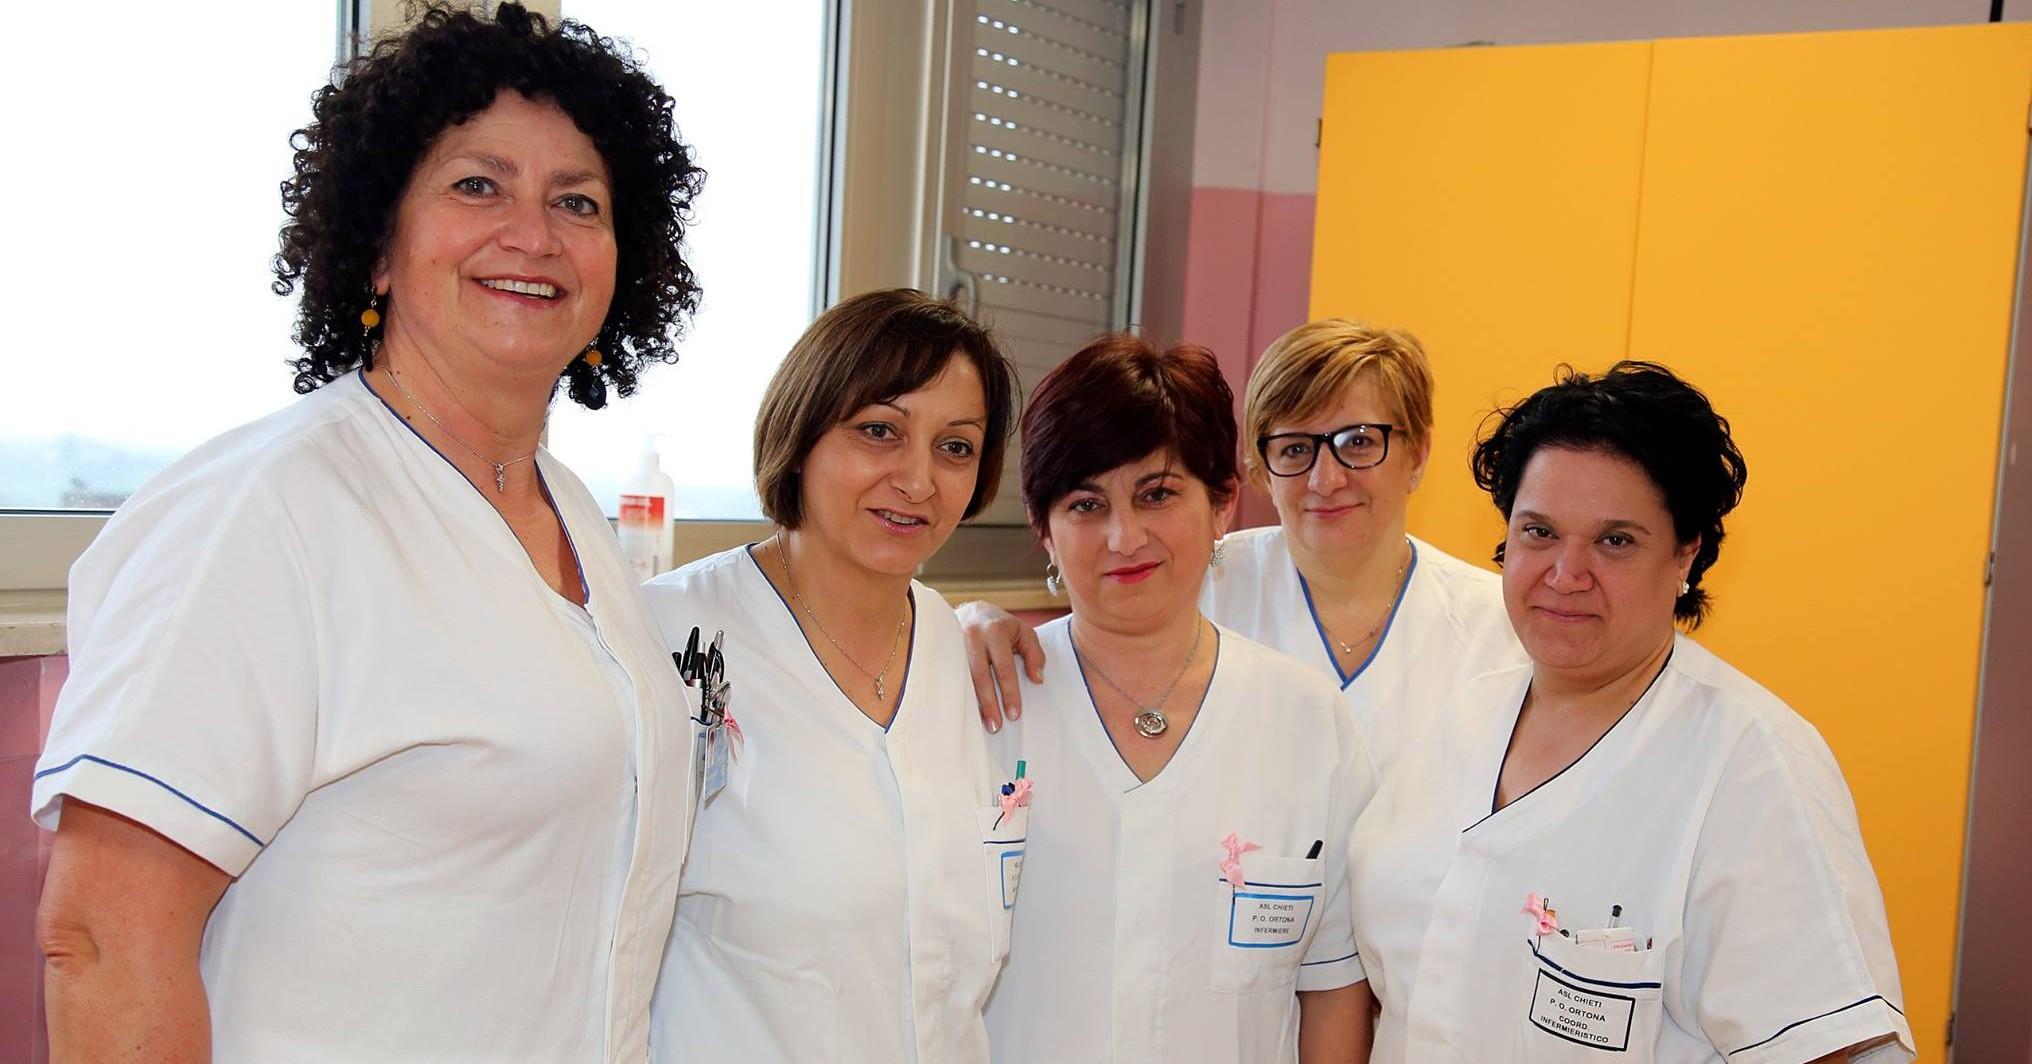 Lo staff ospedaliero di Oncologia donna